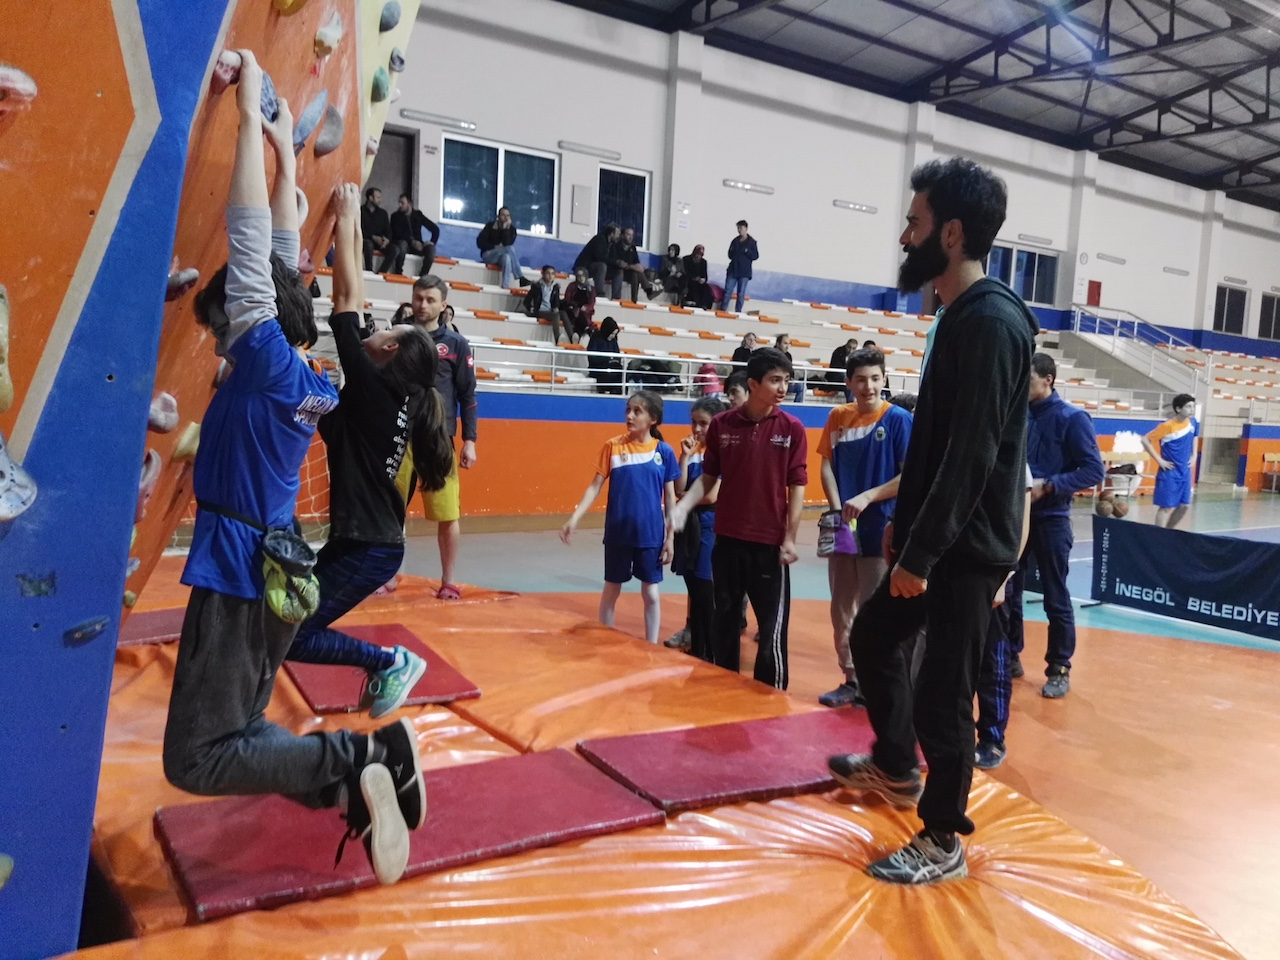 Spor Tırmanış Temel Seviye Eğitimi - Diyarbakır Başvuruları